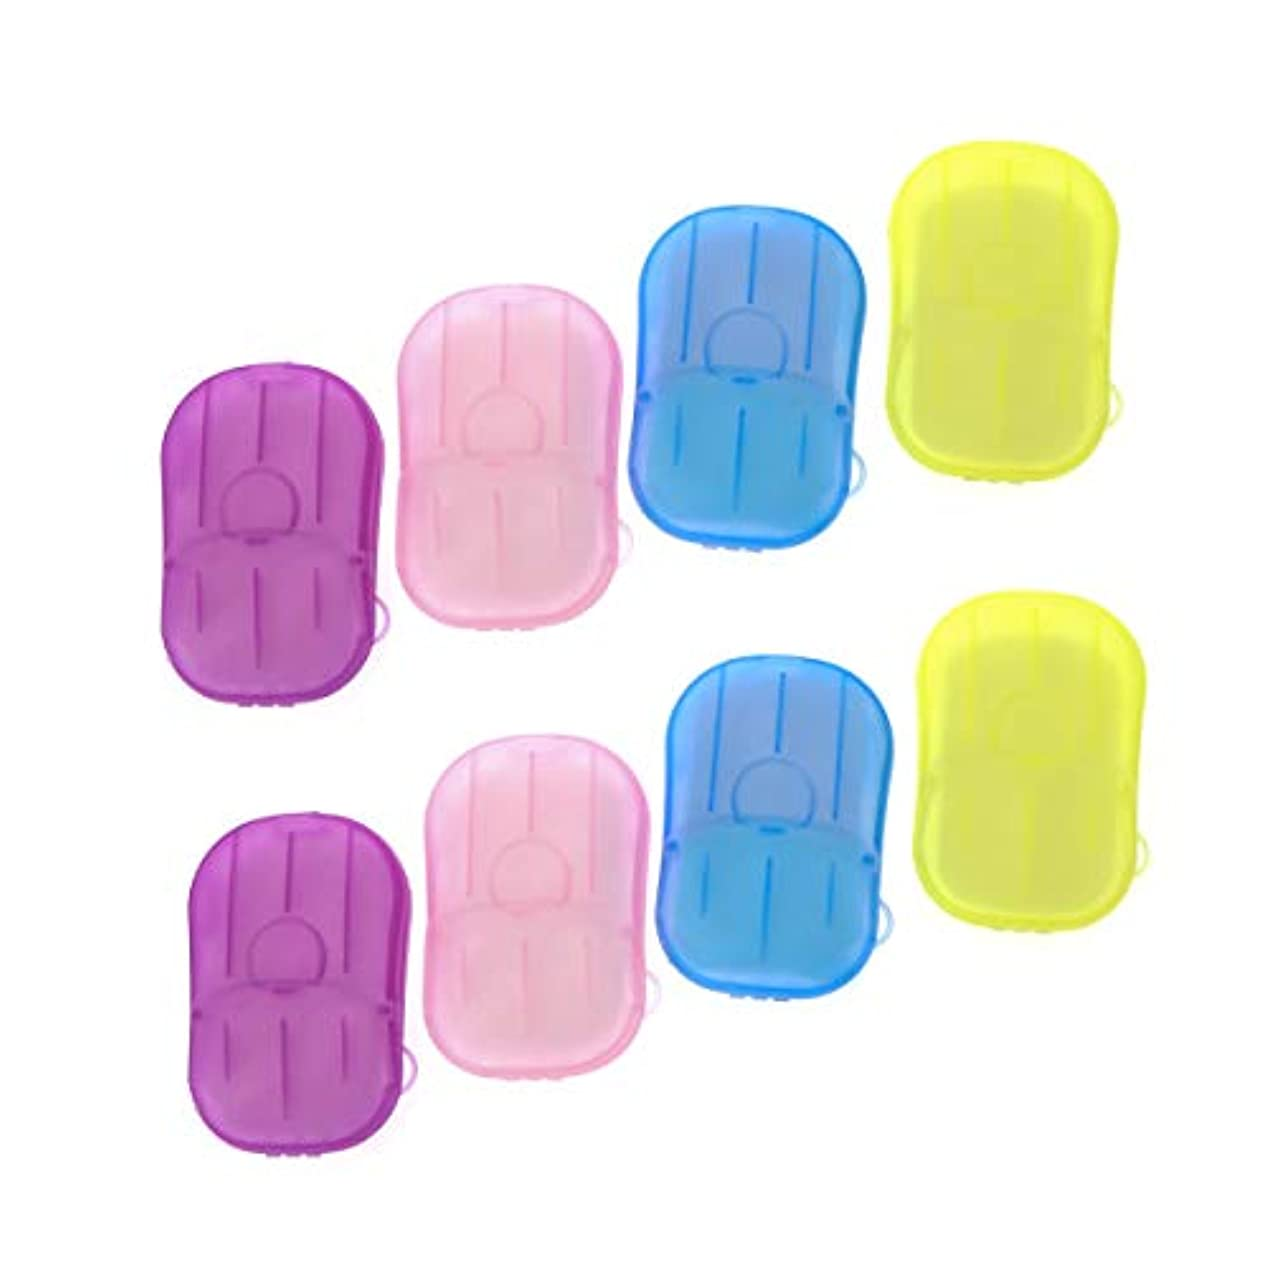 邪魔する代数的ベジタリアンSUPVOX 8ピースポータブルソープペーパー使い捨て手洗いペーパーソープスライスシート用子供大人トイレ旅行屋外